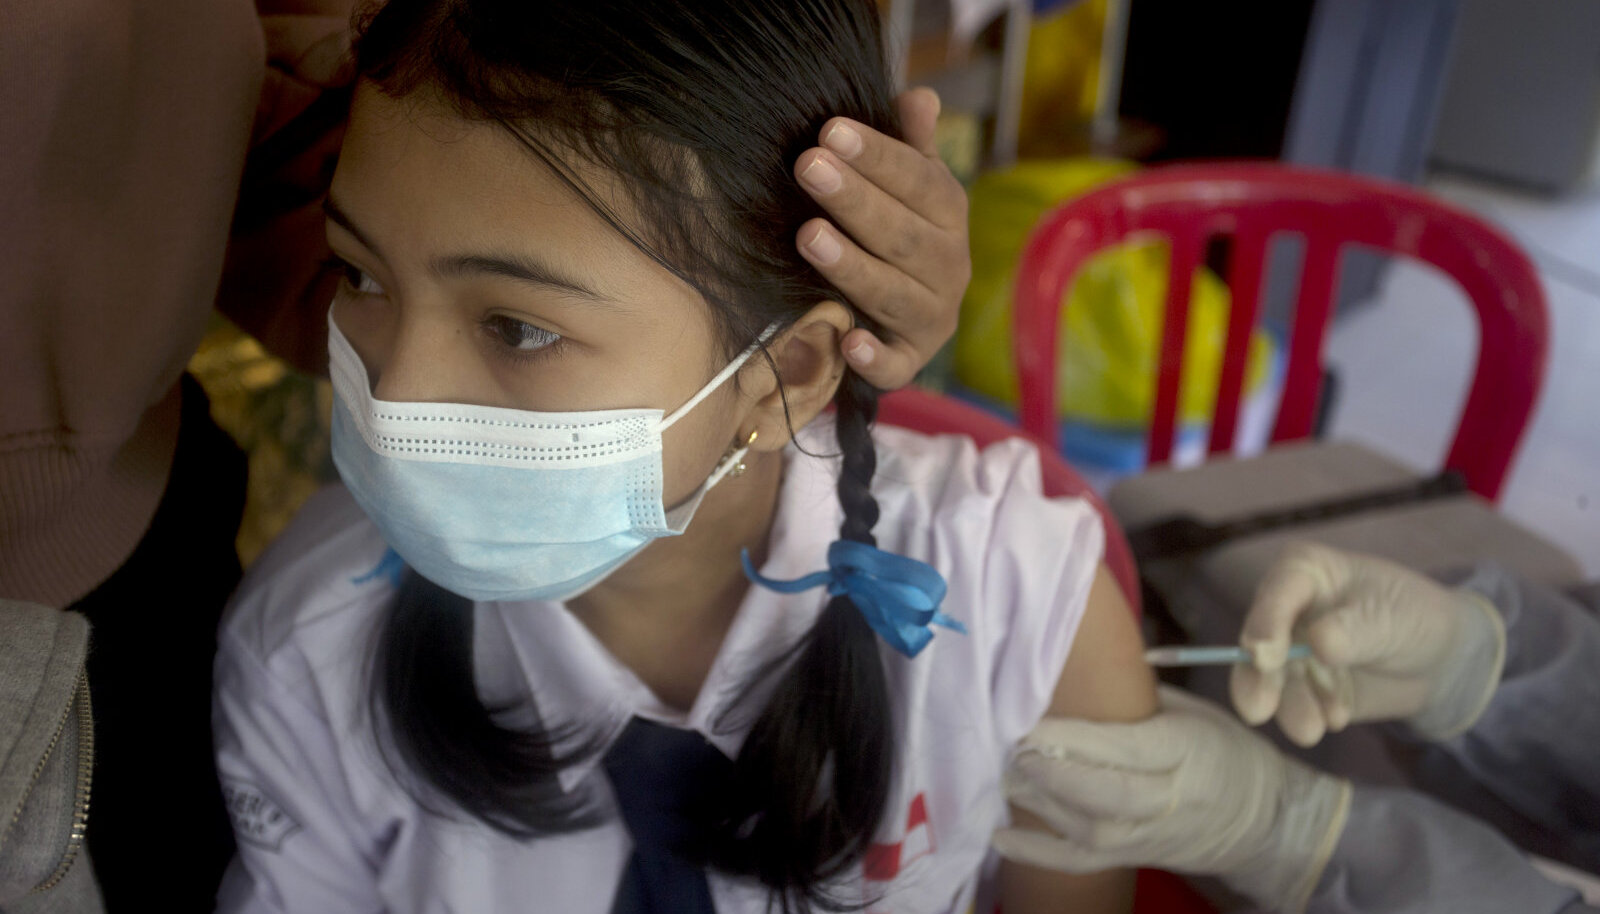 Hiina Sinovaciga korraldatakse vaktsineerimiskampaaniaid ka koolides.